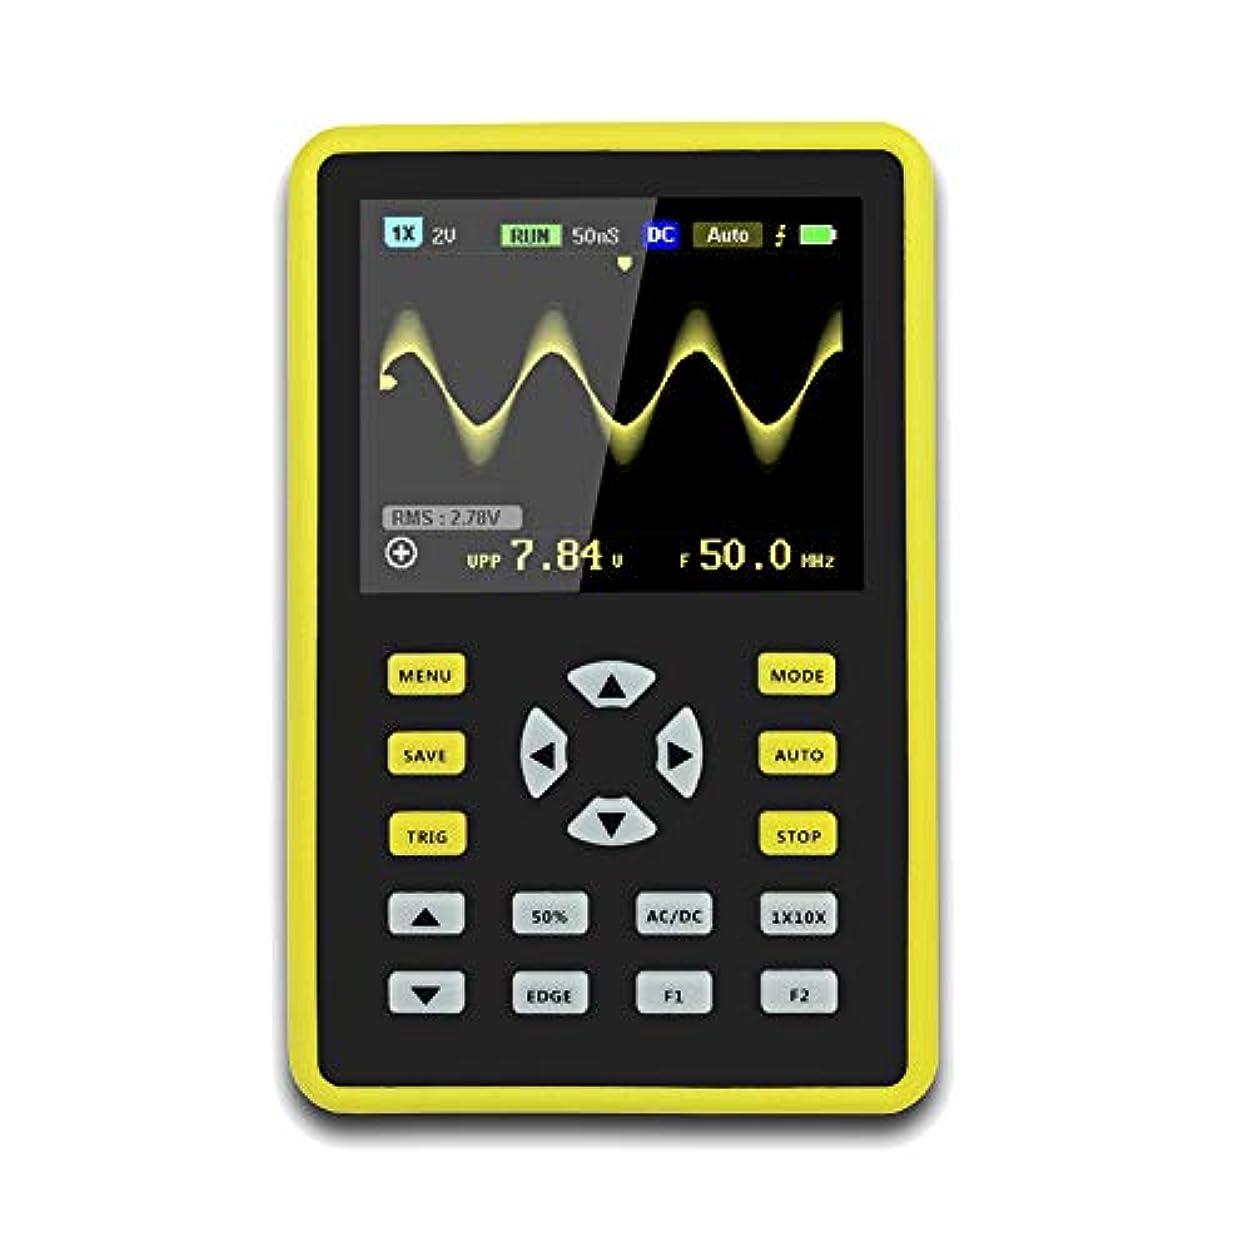 吹きさらし有害な評判CoolTack  手持ち型デジタル小型オシロスコープ2.4インチ500 MS/s IPS LCD表示スクリーンの携帯用